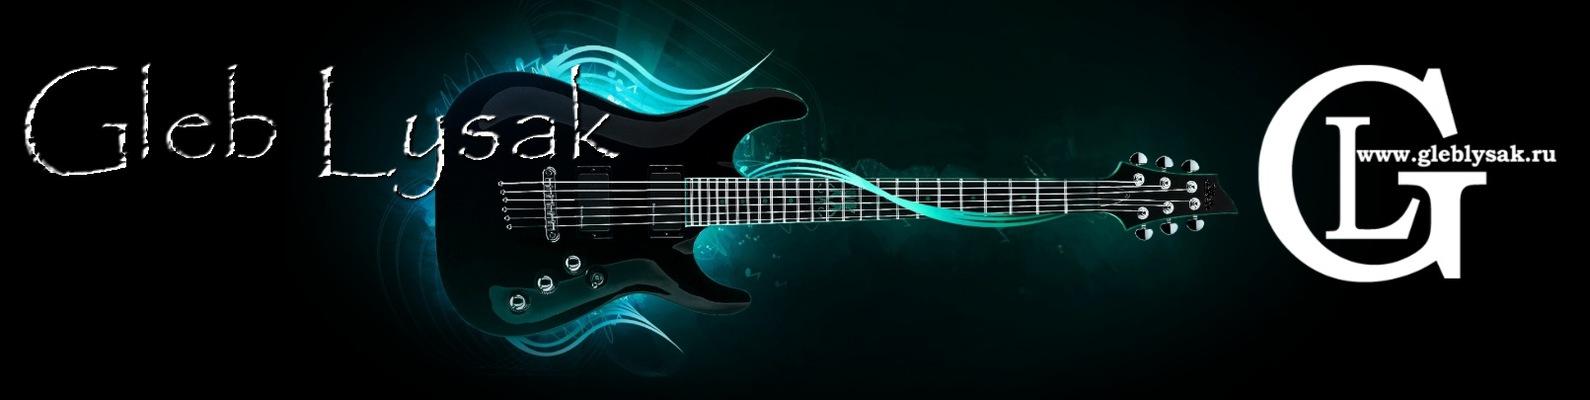 форум гитара по скайпу образа последнего, чистого